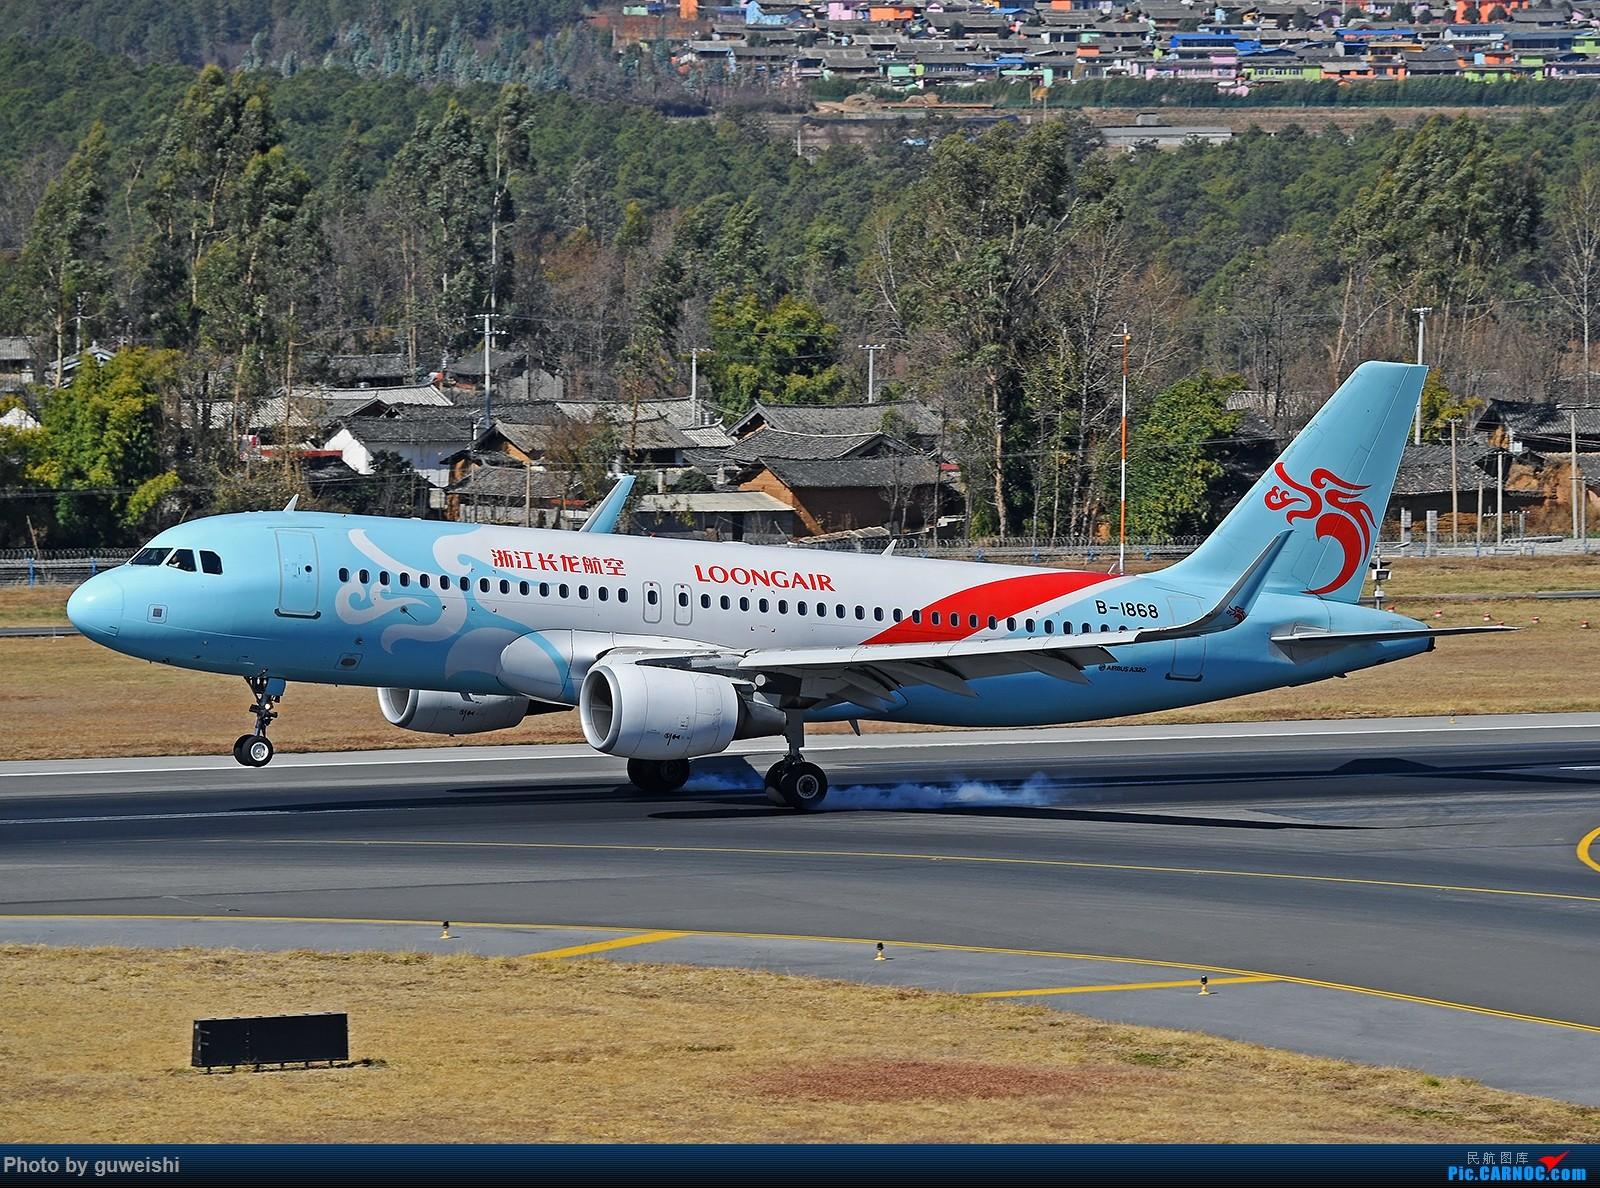 Re:[原创]【七彩天空】——雪山下的飞机,丽江三义半日拍 AIRBUS A320-200 B-1868 中国丽江三义机场